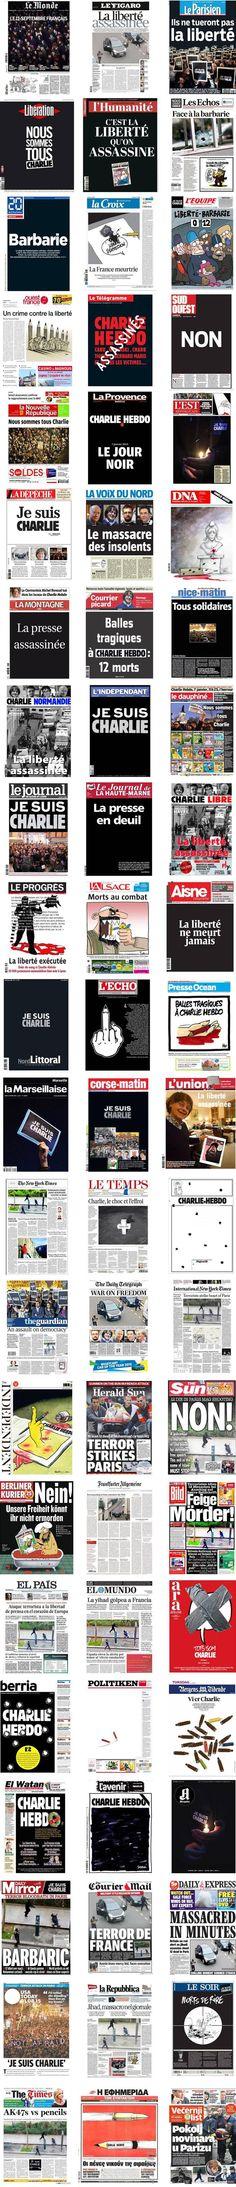 """EN IMAGES. Attentat à """"Charlie Hebdo"""" : 66 unes de journaux du monde entier http://www.francetvinfo.fr/faits-divers/attaque-au-siege-de-charlie-hebdo/en-images-attentat-a-charlie-hebdo-51-unes-de-journaux-du-monde-entier_791085.html #jesuischarlie"""